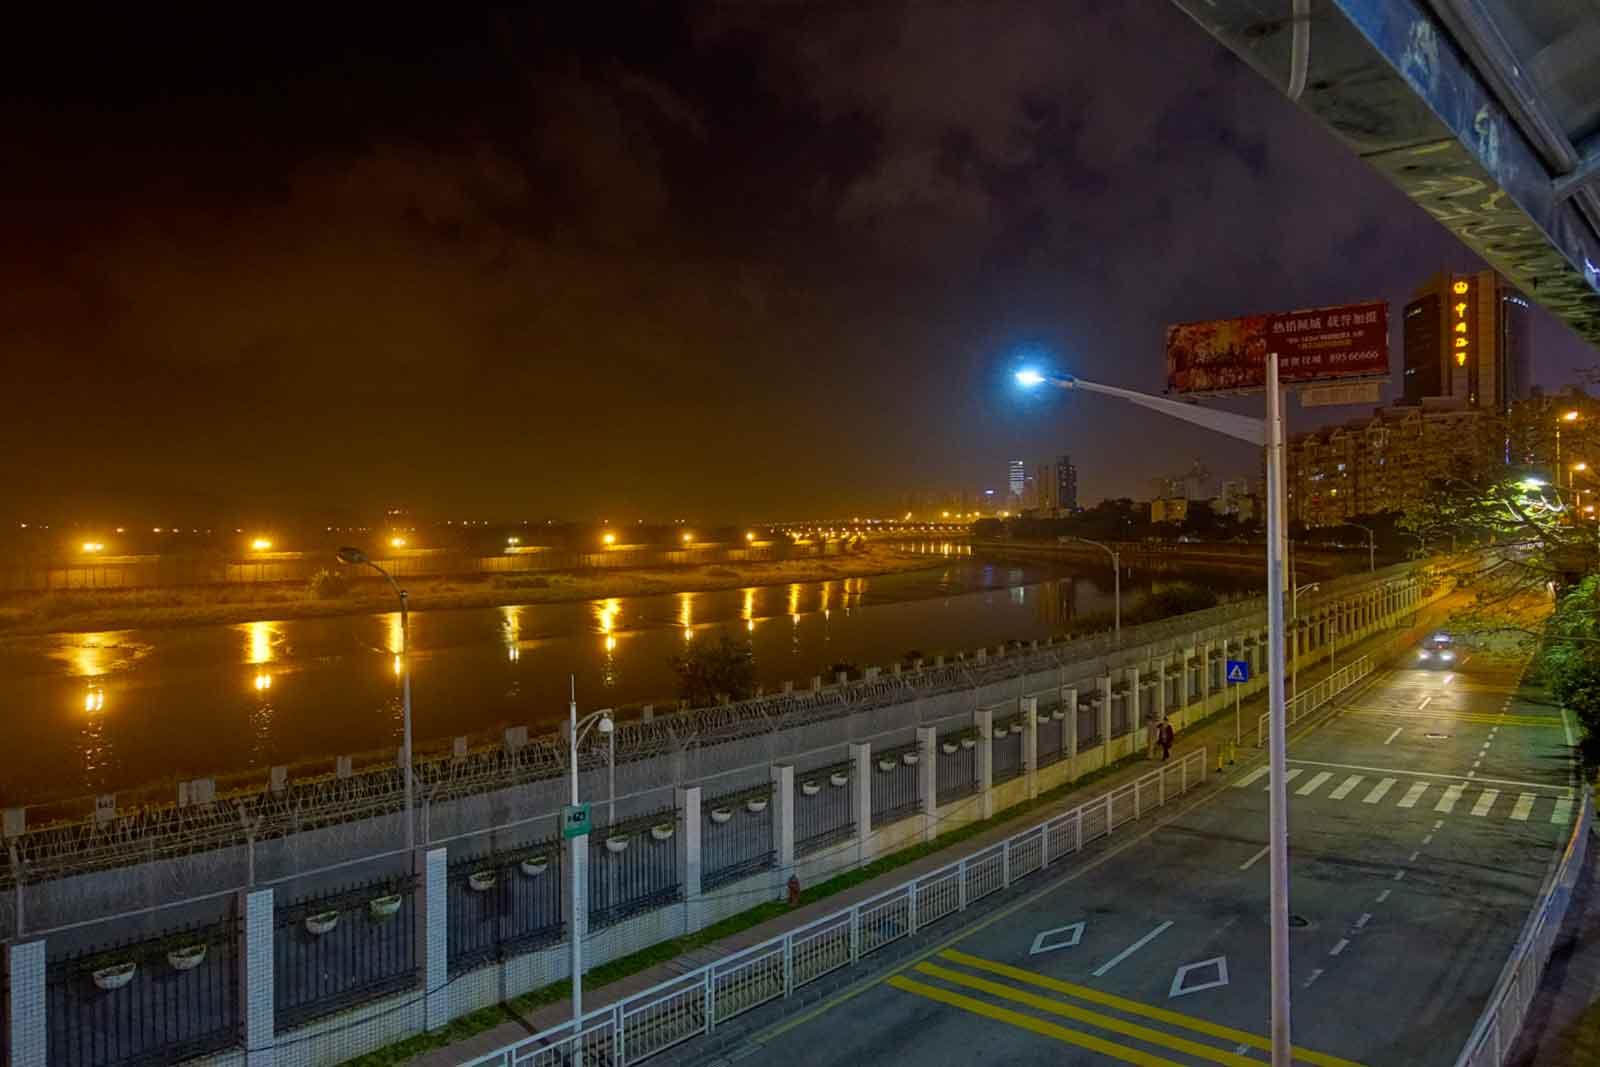 Grenze Shenzhen–Hongkong